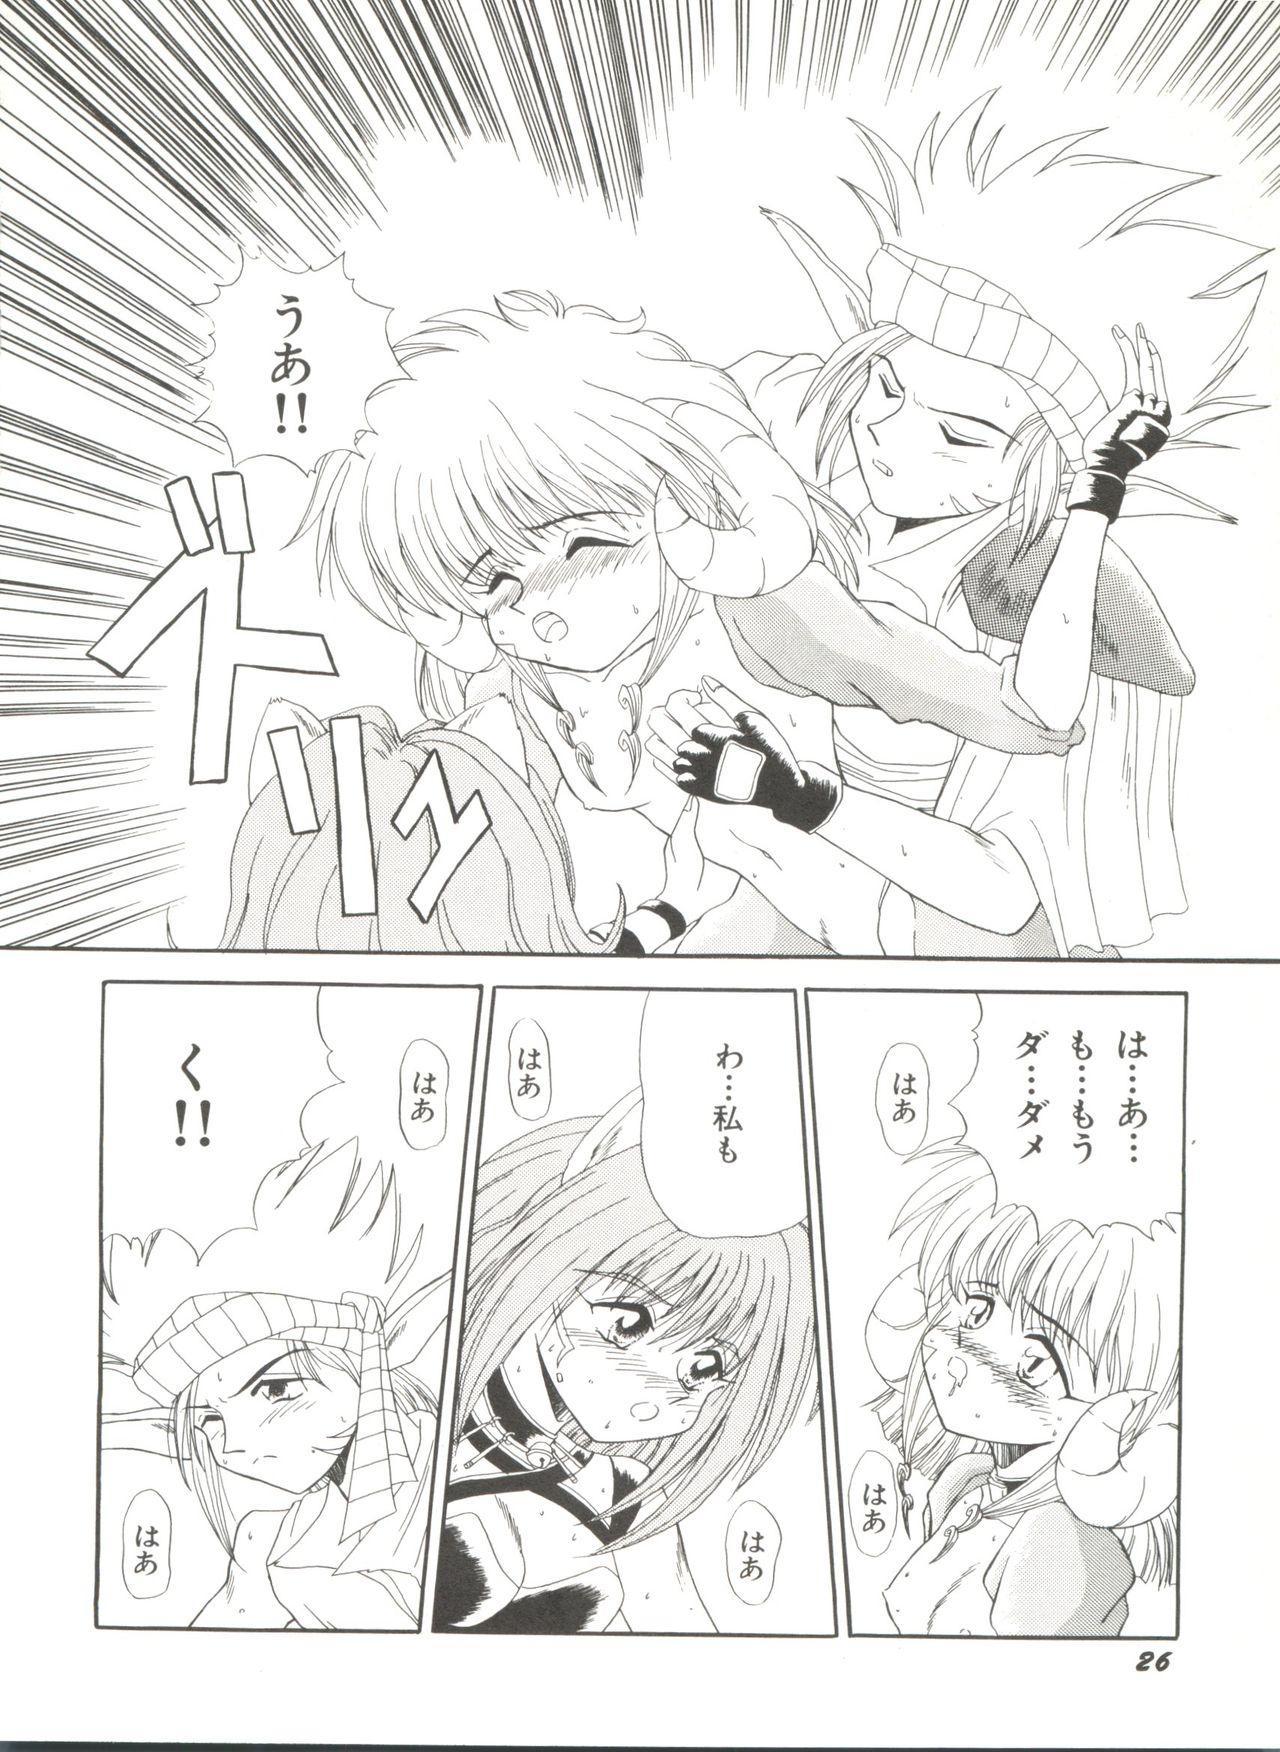 Bishoujo Doujinshi Anthology 6 29